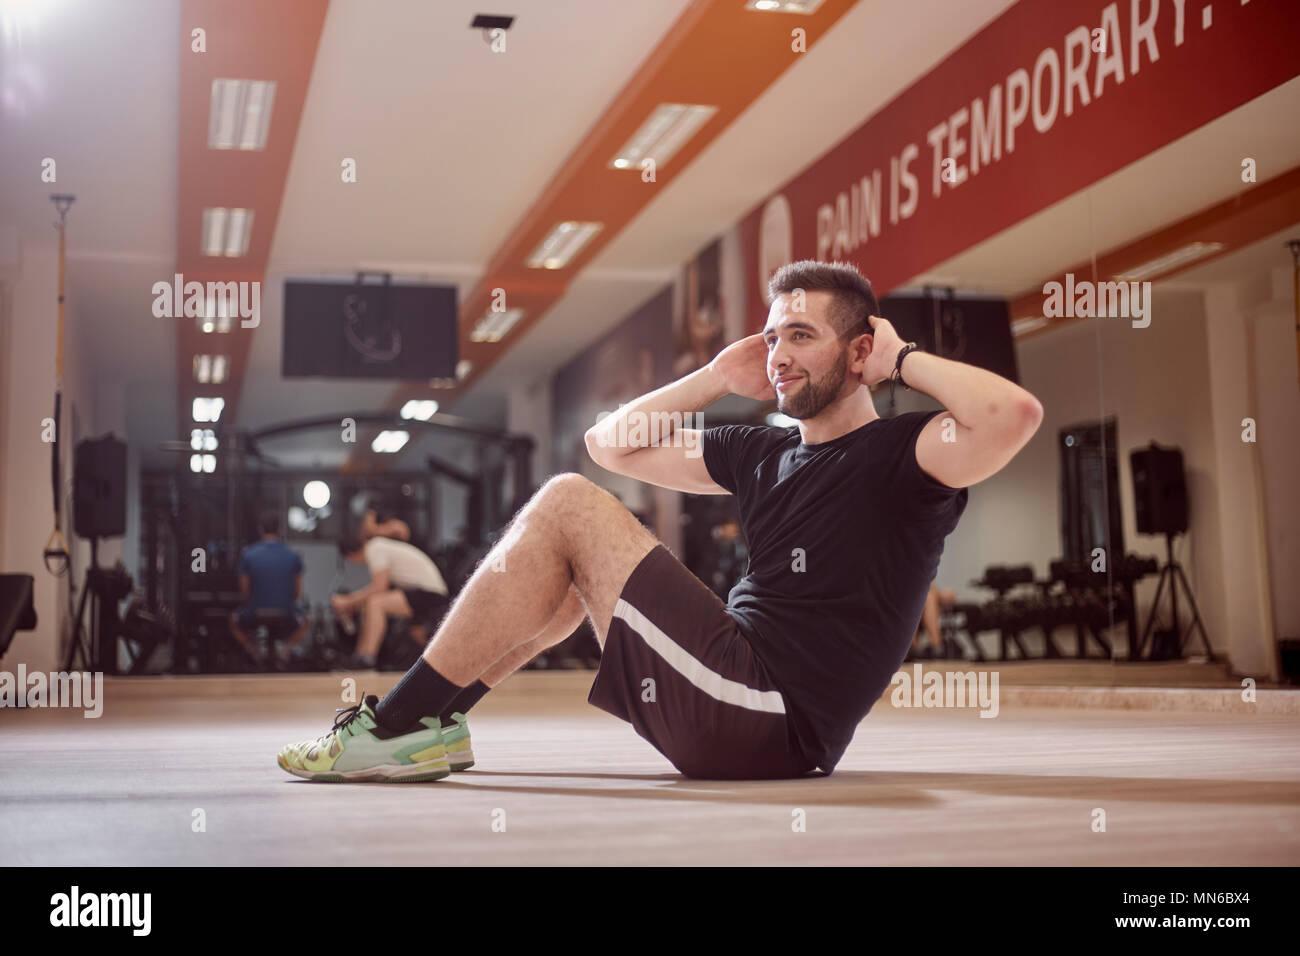 Un giovane uomo, ordinario uomo medio, esercizio abs, lateralmente, seduto sul pavimento, in palestra. Irriconoscibile la gente dietro (al di fuori della messa a fuoco). Immagini Stock